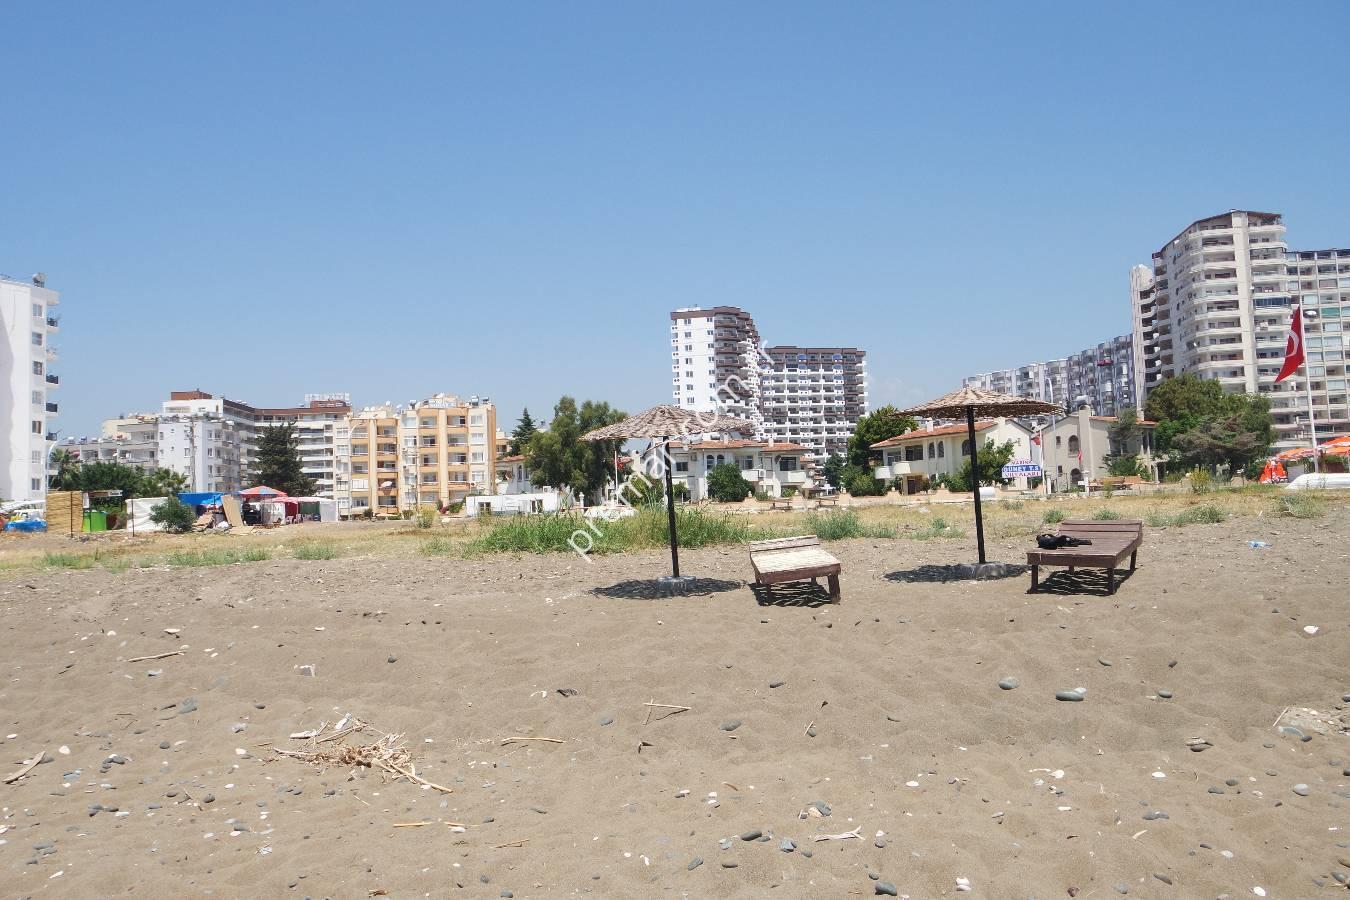 Premar Doğa'dan Tömük'te Denize Sıfır Elit Sitede Dublex Villa